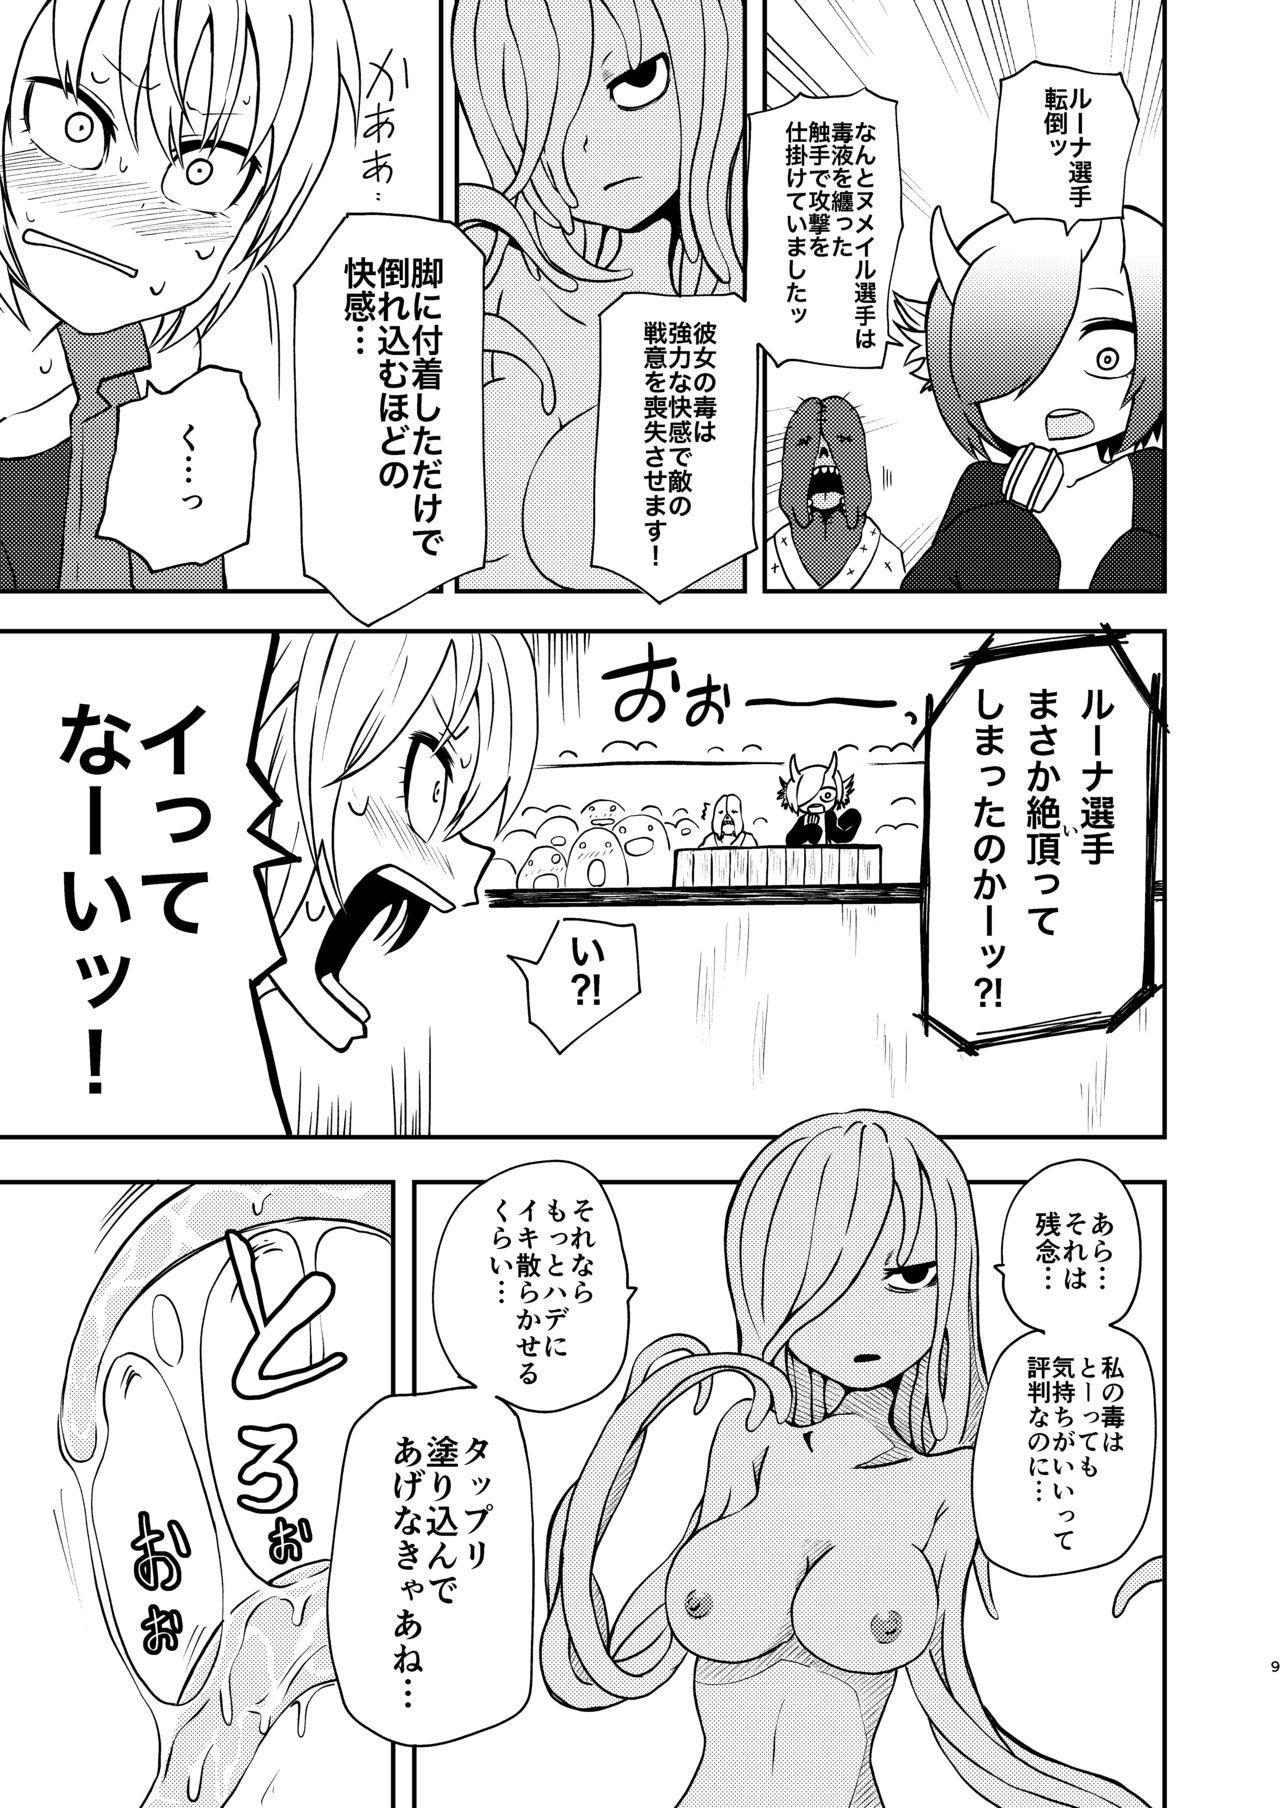 Tada no Onna Boukensha ga Tougijou ni Sanka Shita Kekka Lv 99 no Monster-san ni Bokoboko ni Saremashita 7